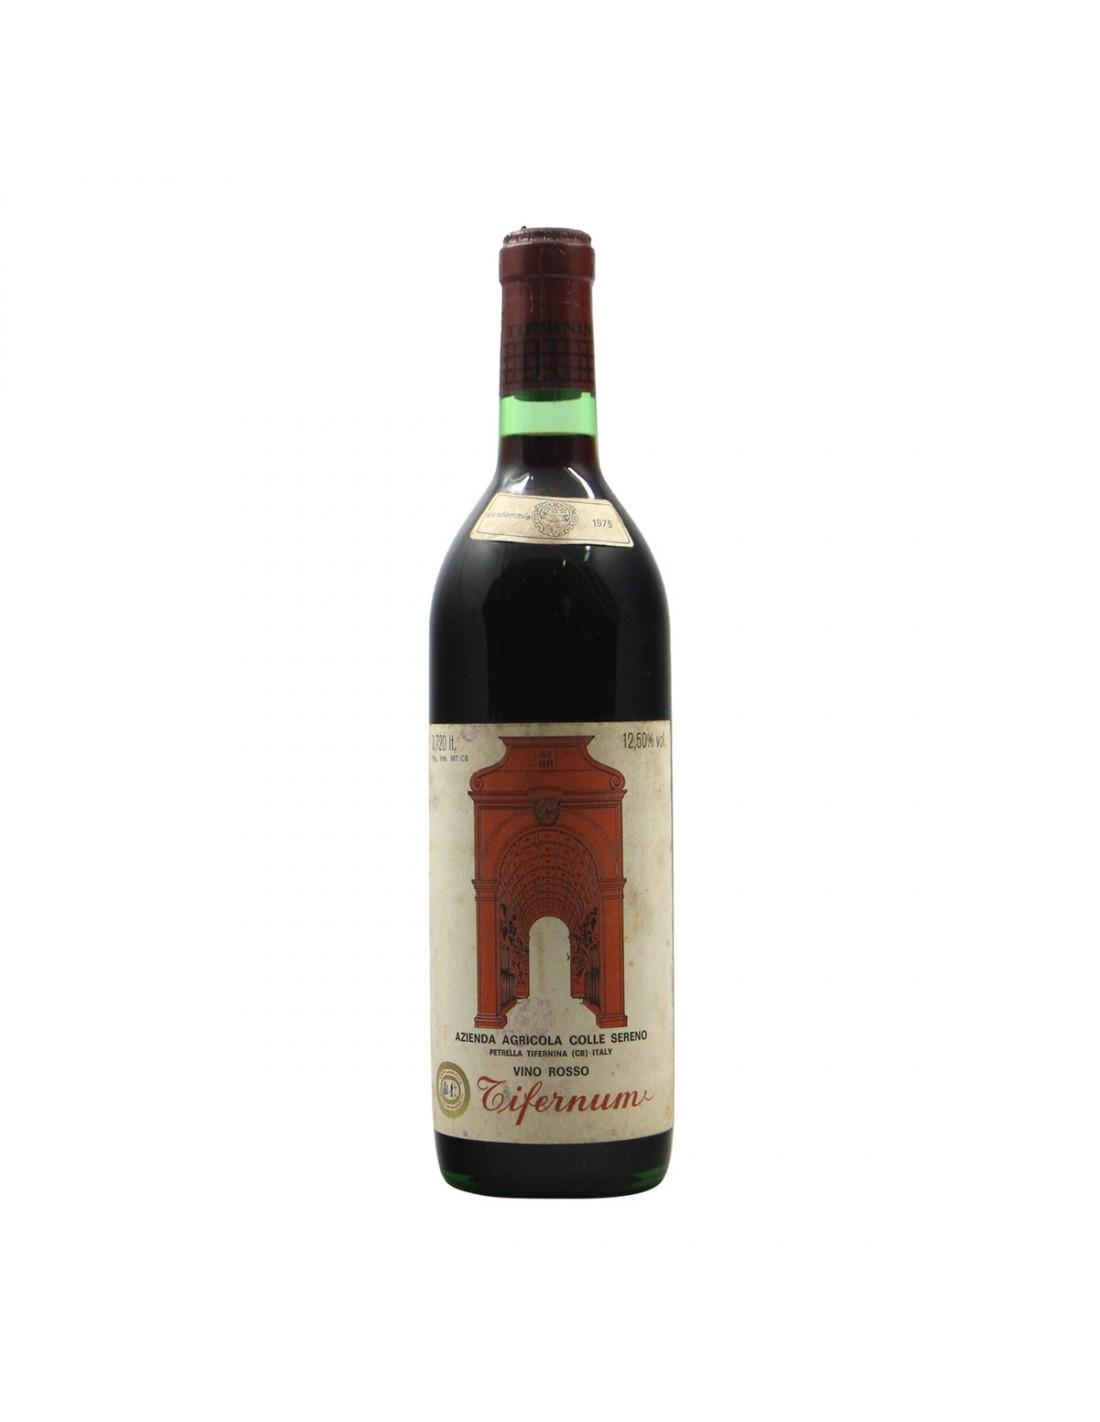 TIFERNUM 1975 AZIENDA AGRICOLA COLLE SERENO Grandi Bottiglie